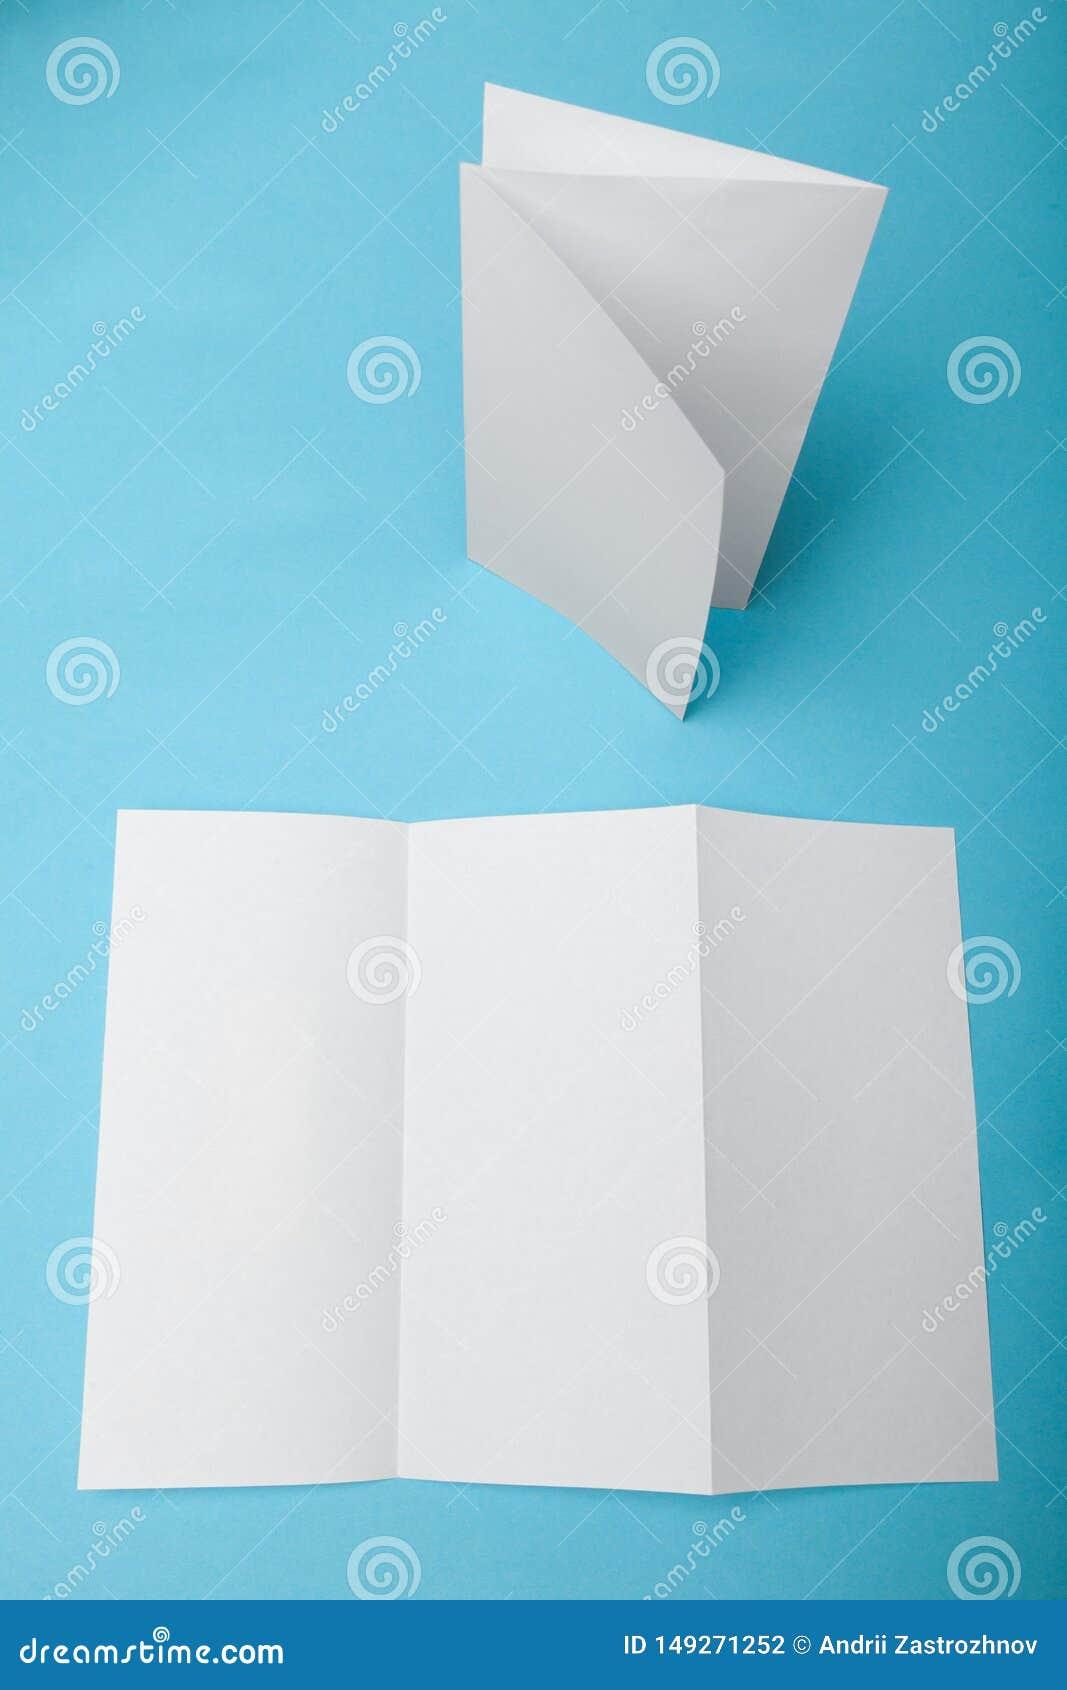 Z折叠小册子大模型,白皮书A4大模型